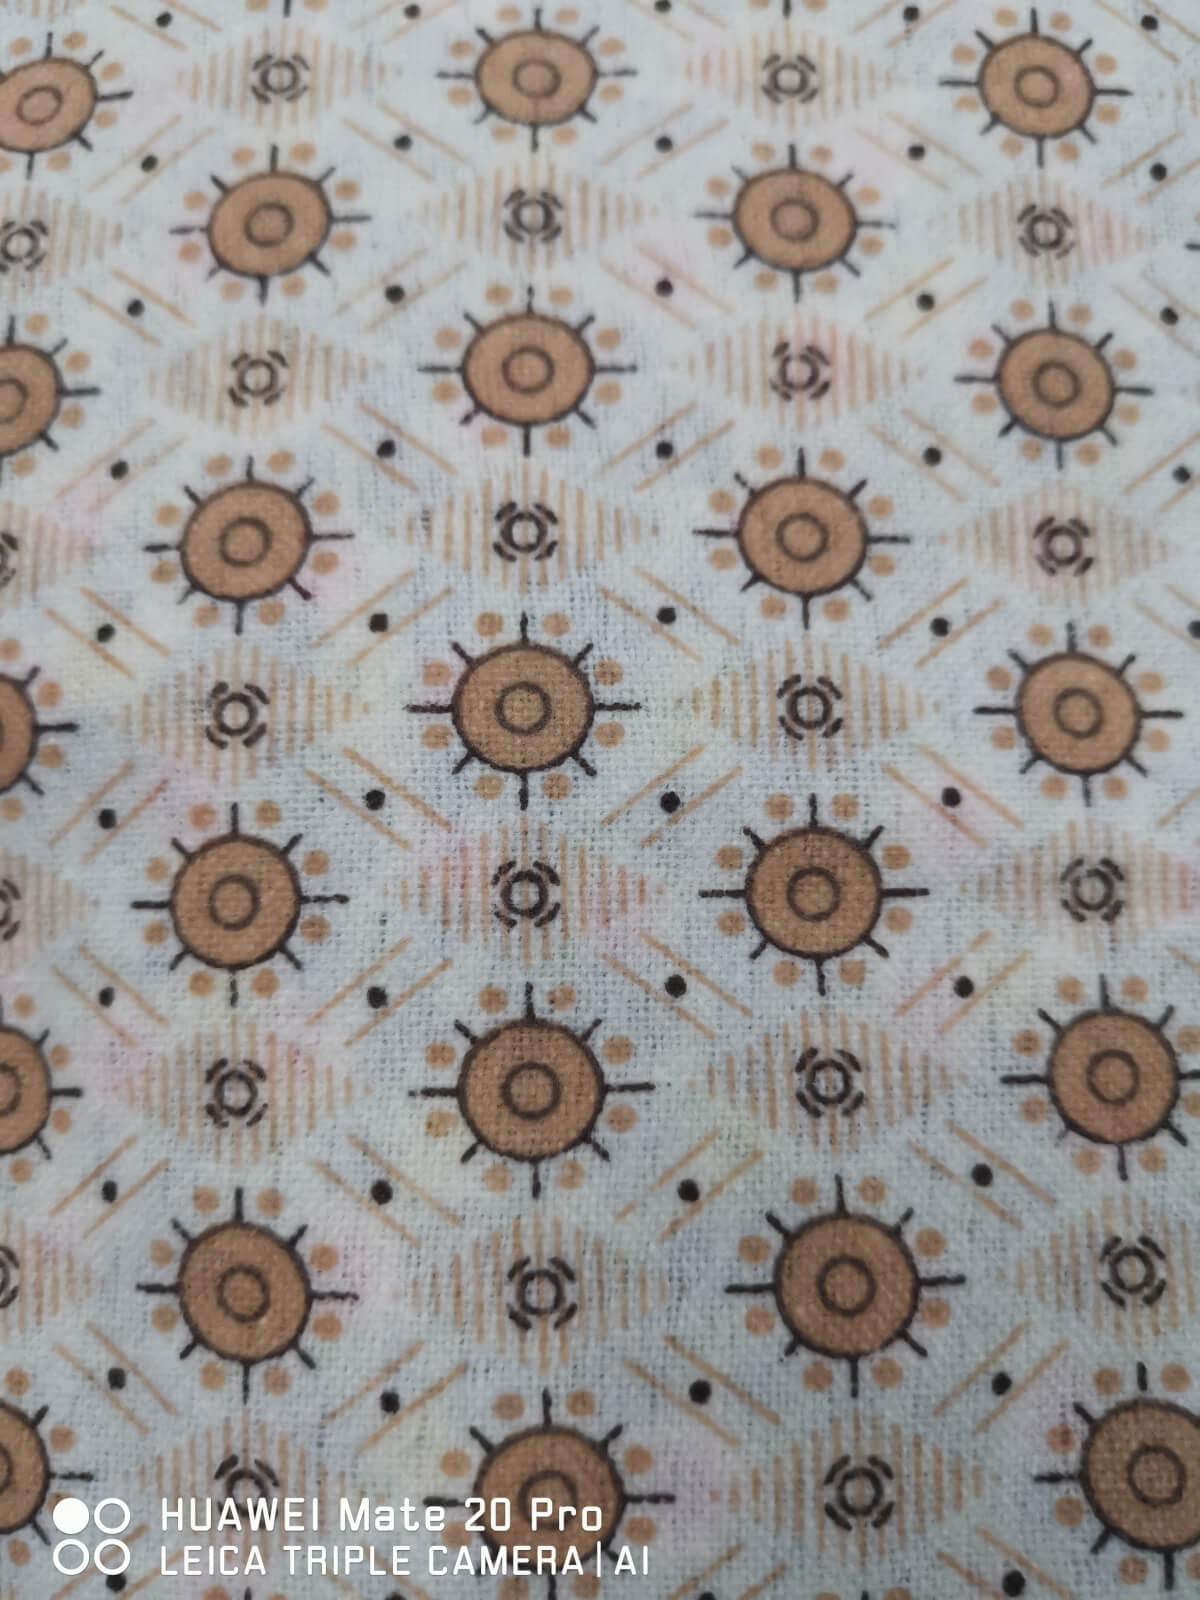 全棉斜纹哔叽2/2双股染色/印花布100% cotton check printing and dyeing heavy weight flannel